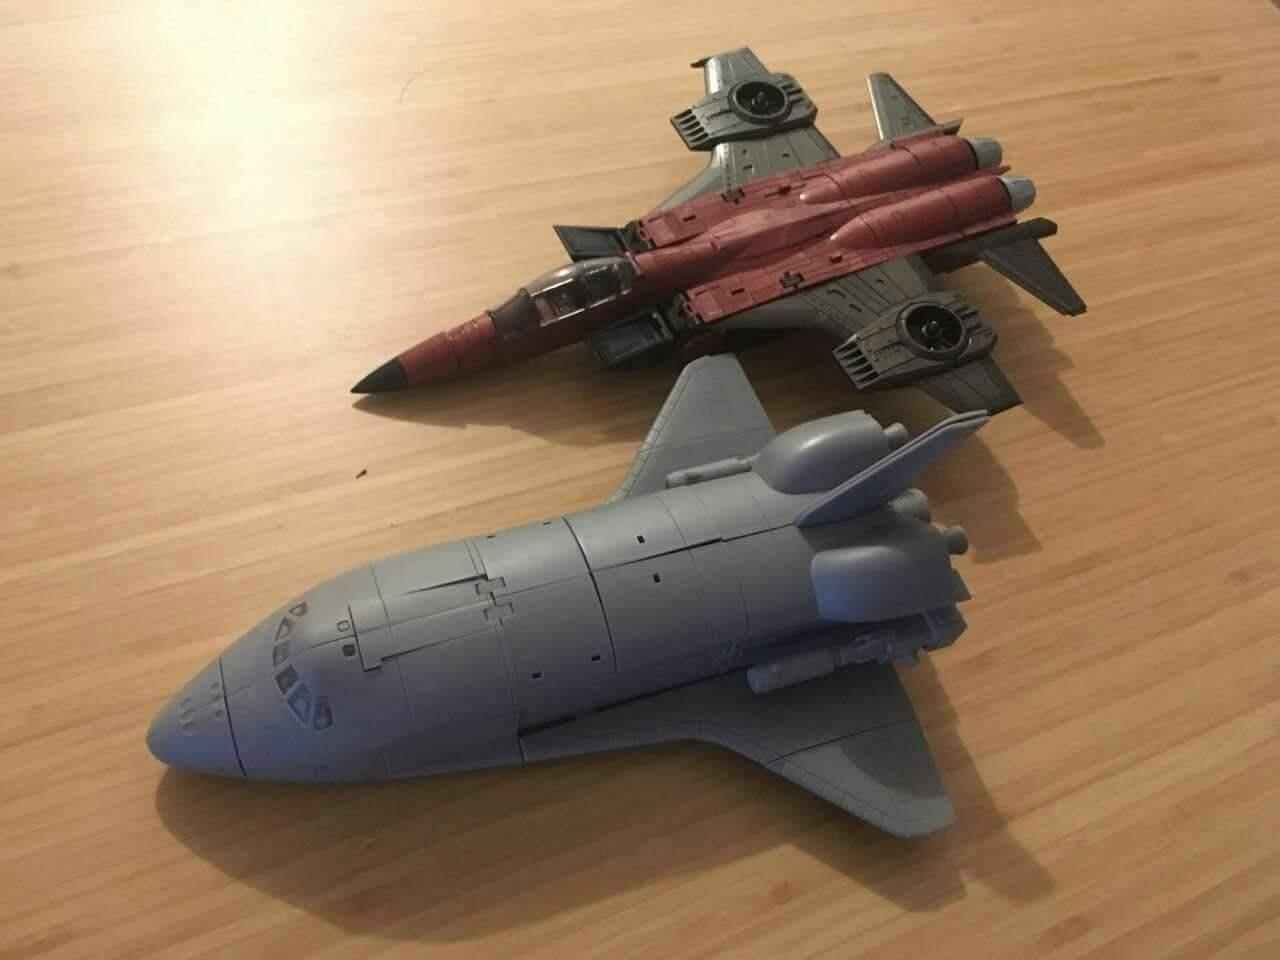 [Zeta Toys] Produit Tiers - Armageddon (ZA-01 à ZA-05) - ZA-06 Bruticon - ZA-07 Bruticon ― aka Bruticus (Studio OX, couleurs G1, métallique) HIAjsHLs